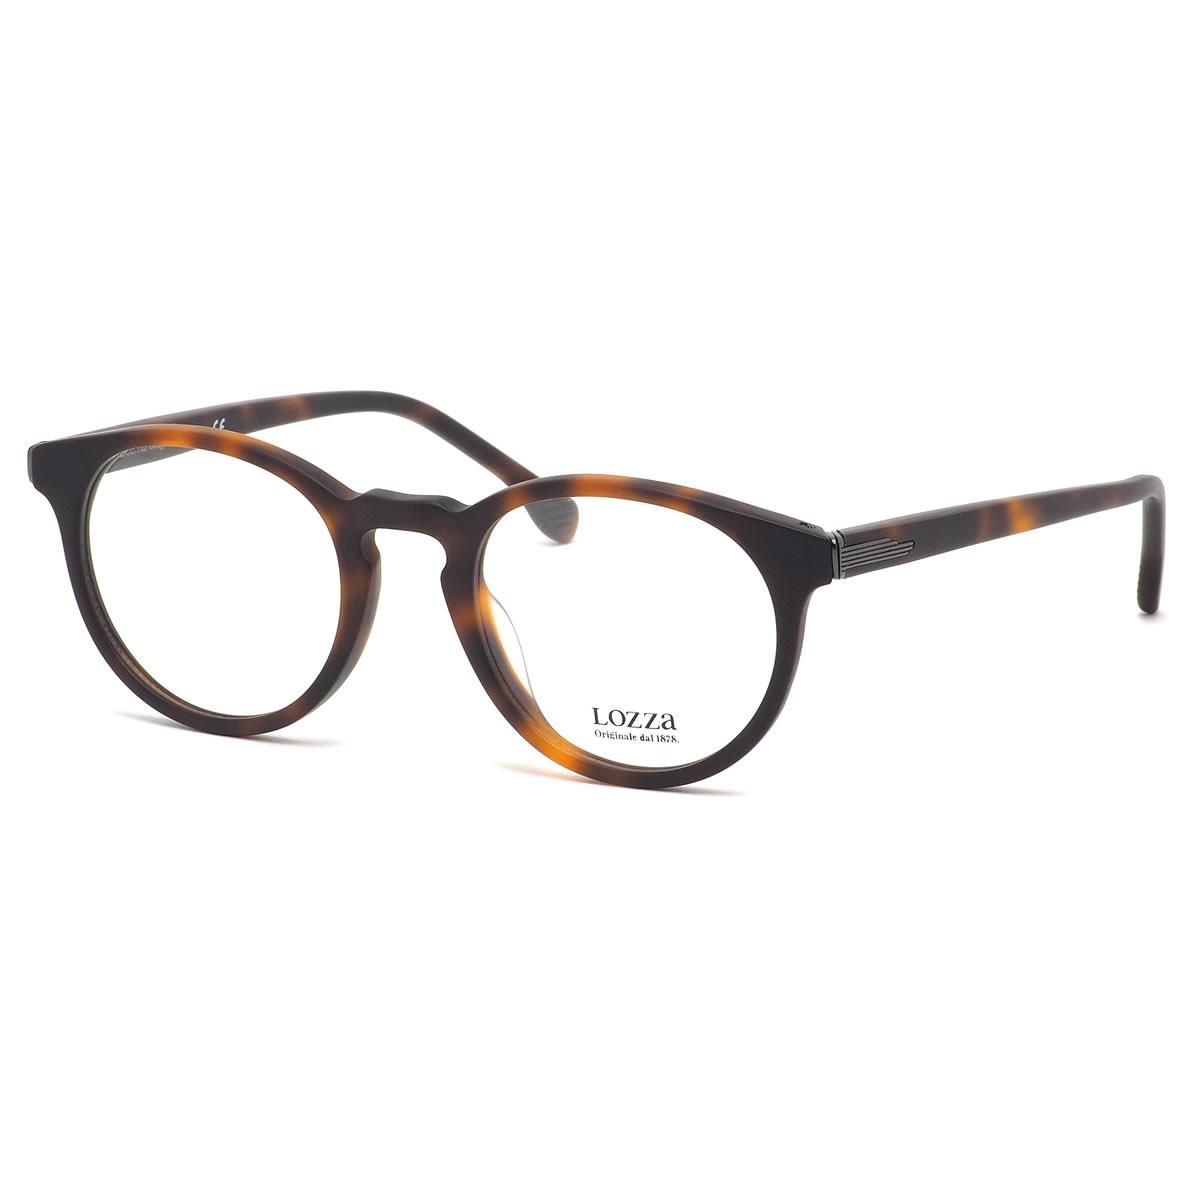 ロッツァ LOZZA メガネ VL4141 9AJM 47サイズ LUCCA2 ルカ ボストン べっ甲 近視 乱視 遠視 老眼 メンズ レディース